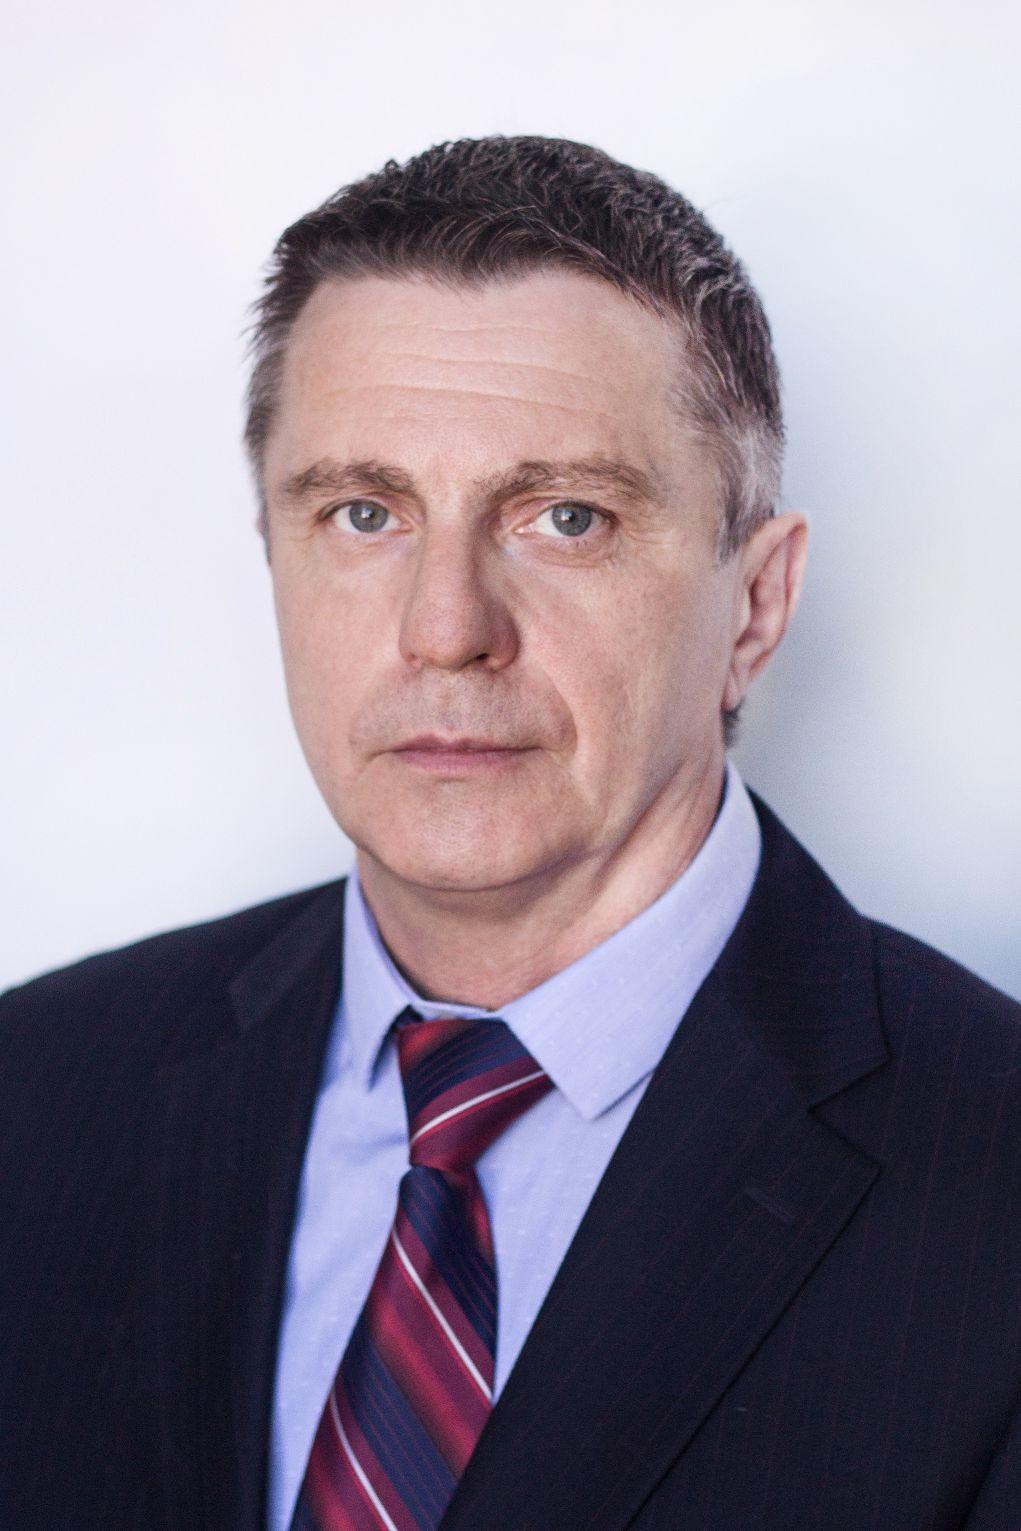 Макарэвіч Аляксандр Мікалаевіч